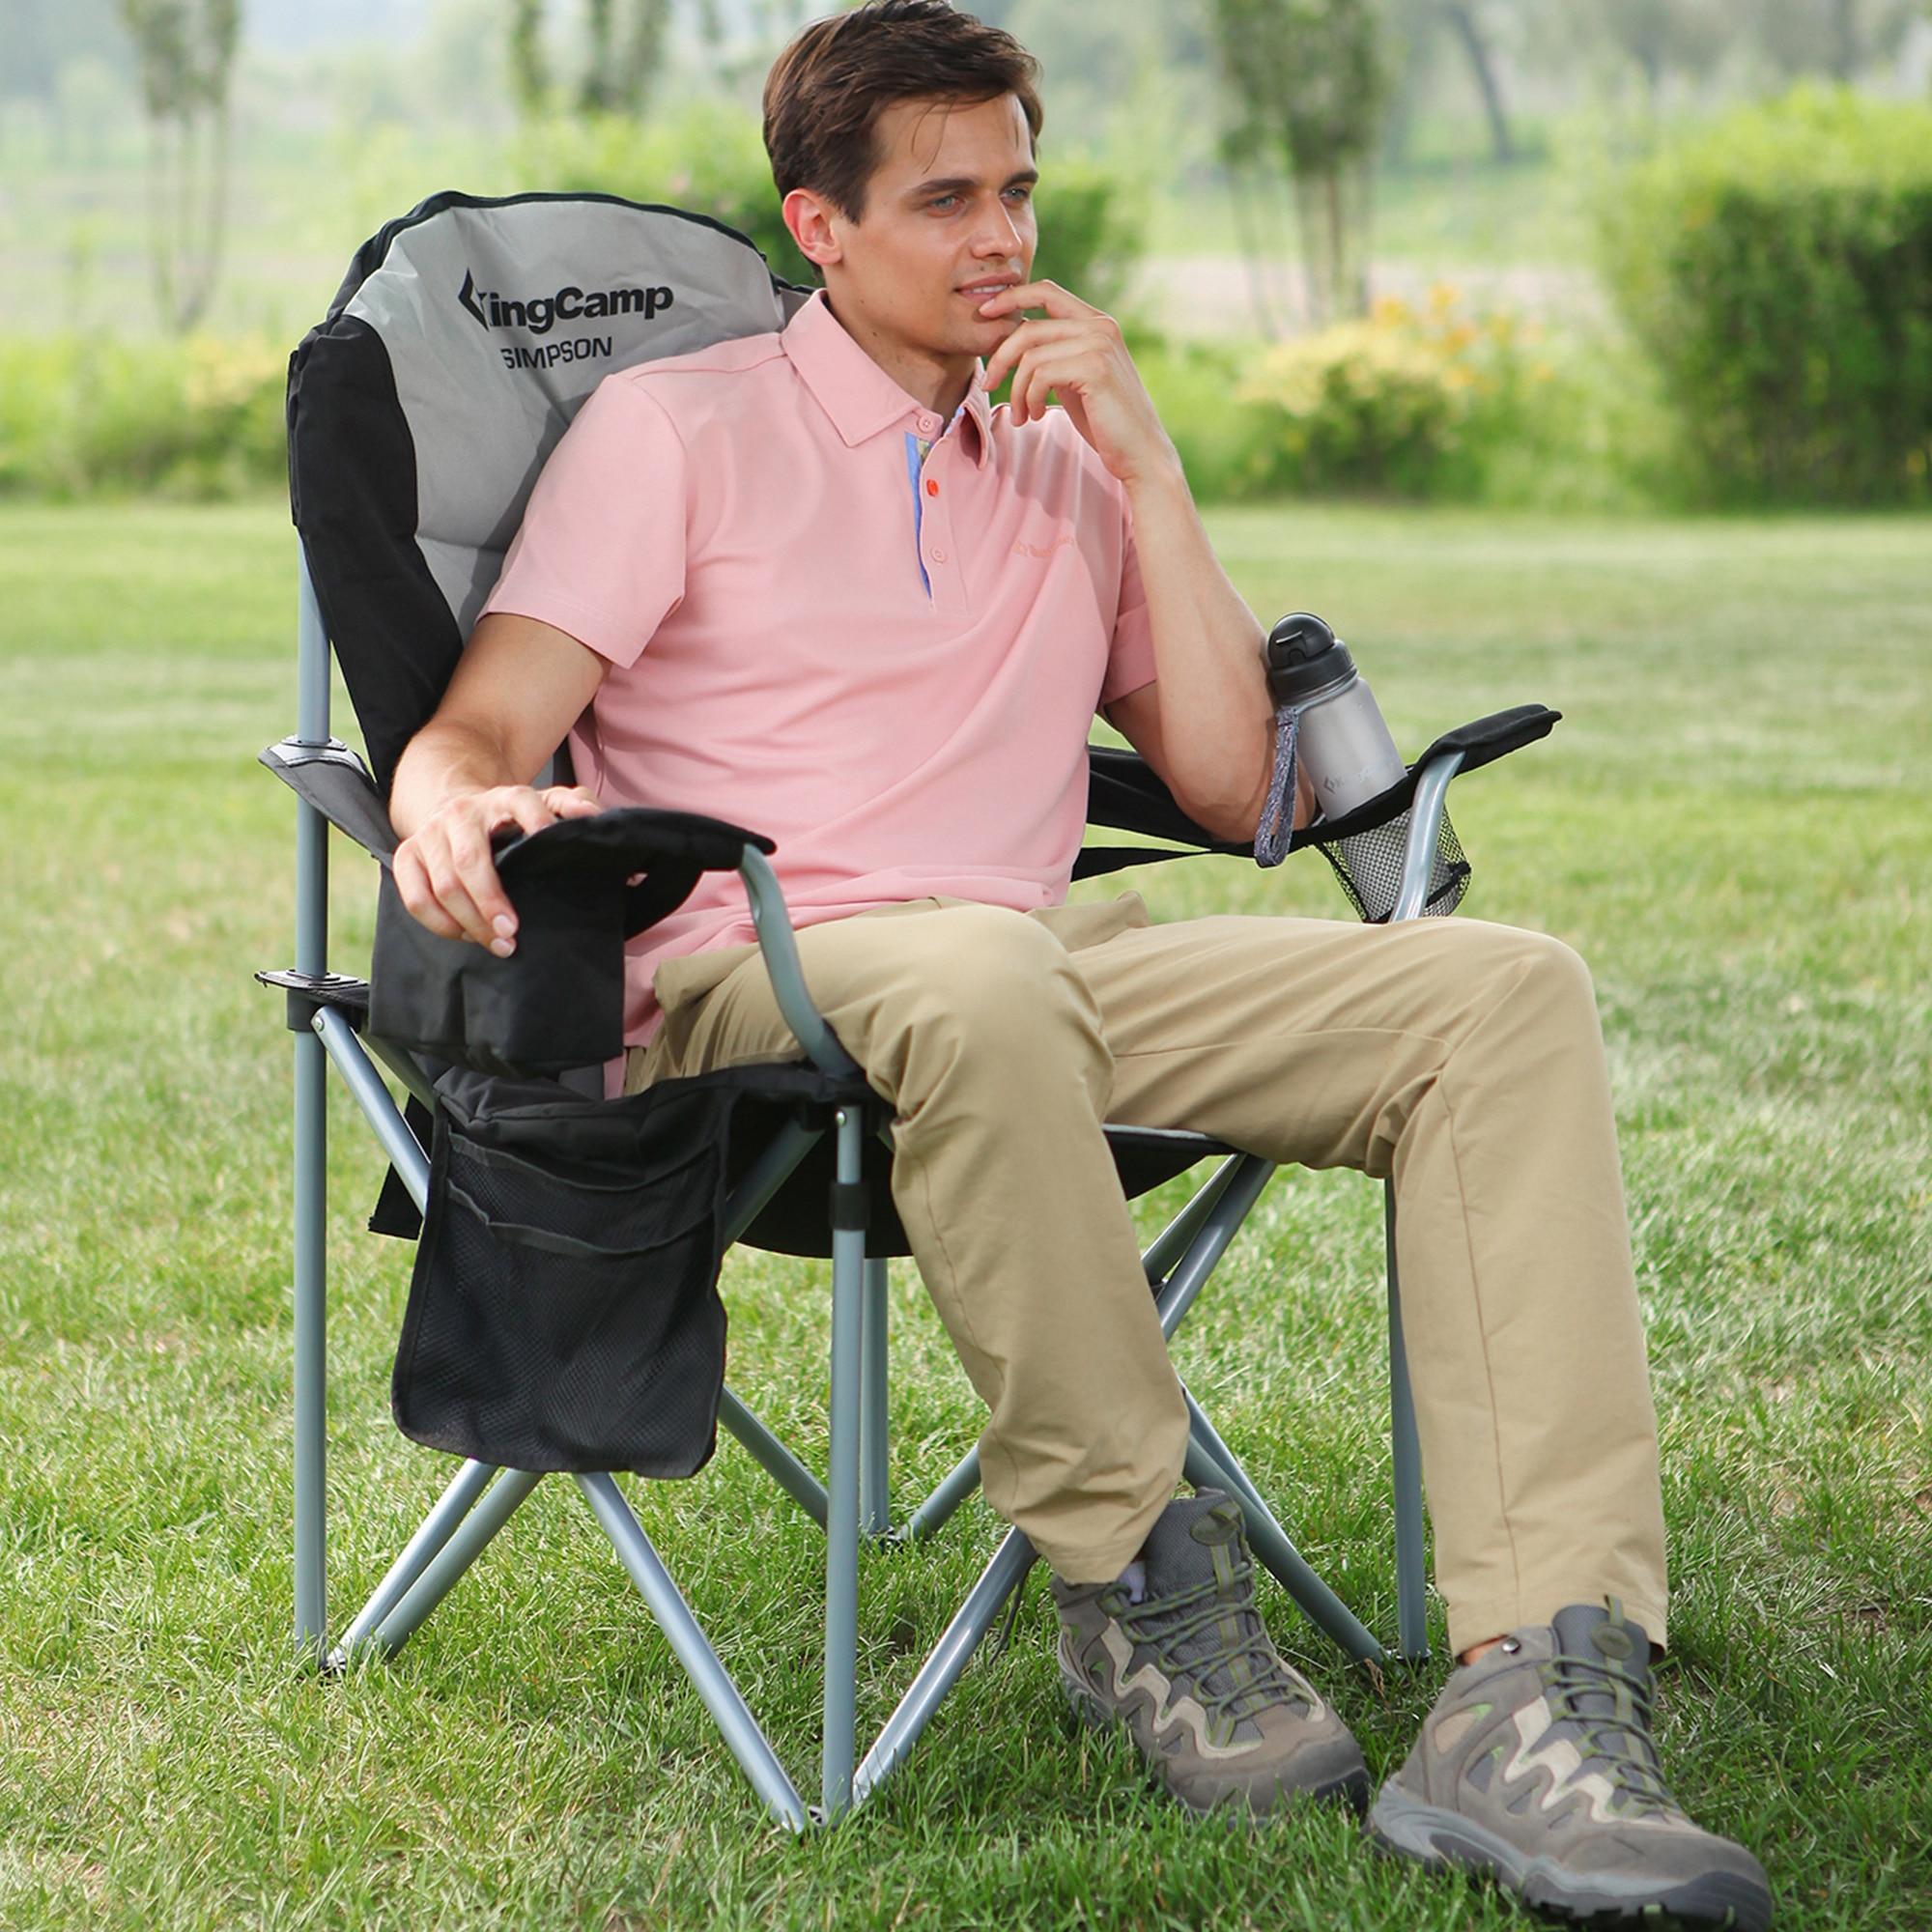 KingCamp léger tabouret pliant siège de pêche Portable Camping soutien lombaire forte Stable lourd chaise de Camping pour l'extérieur